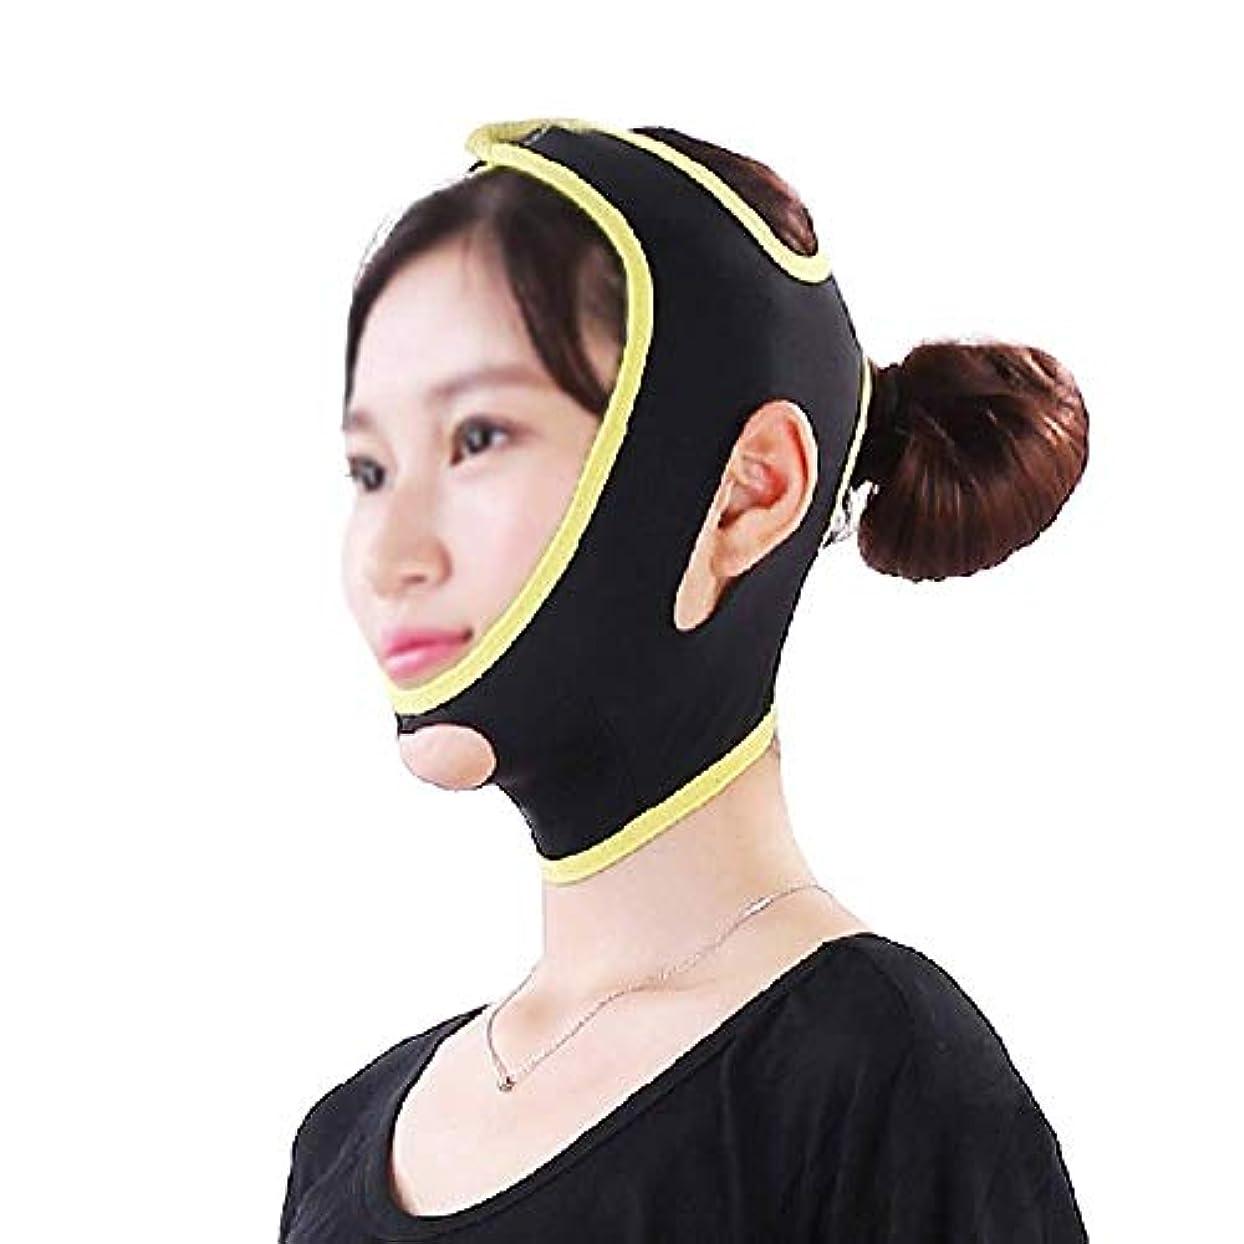 望遠鏡フリース合法フェイスアンドネックリフト、Vフェイスマスクは顔の輪郭を強化して、顎の超弾性包帯を引き締める咬筋を緩和します(サイズ:M)